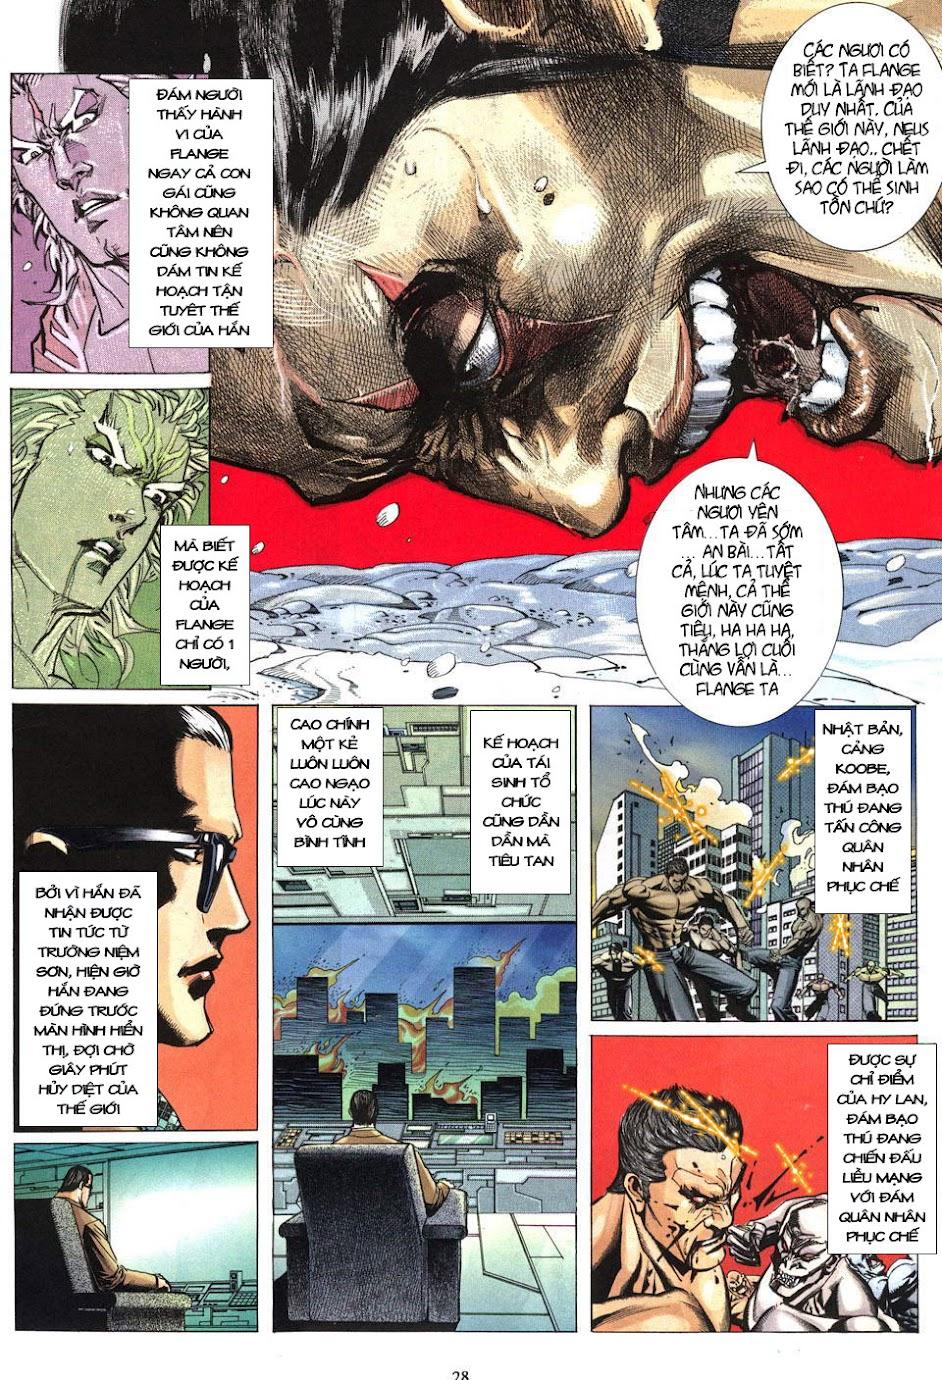 Phong Lôi chap 40 - Trang 29